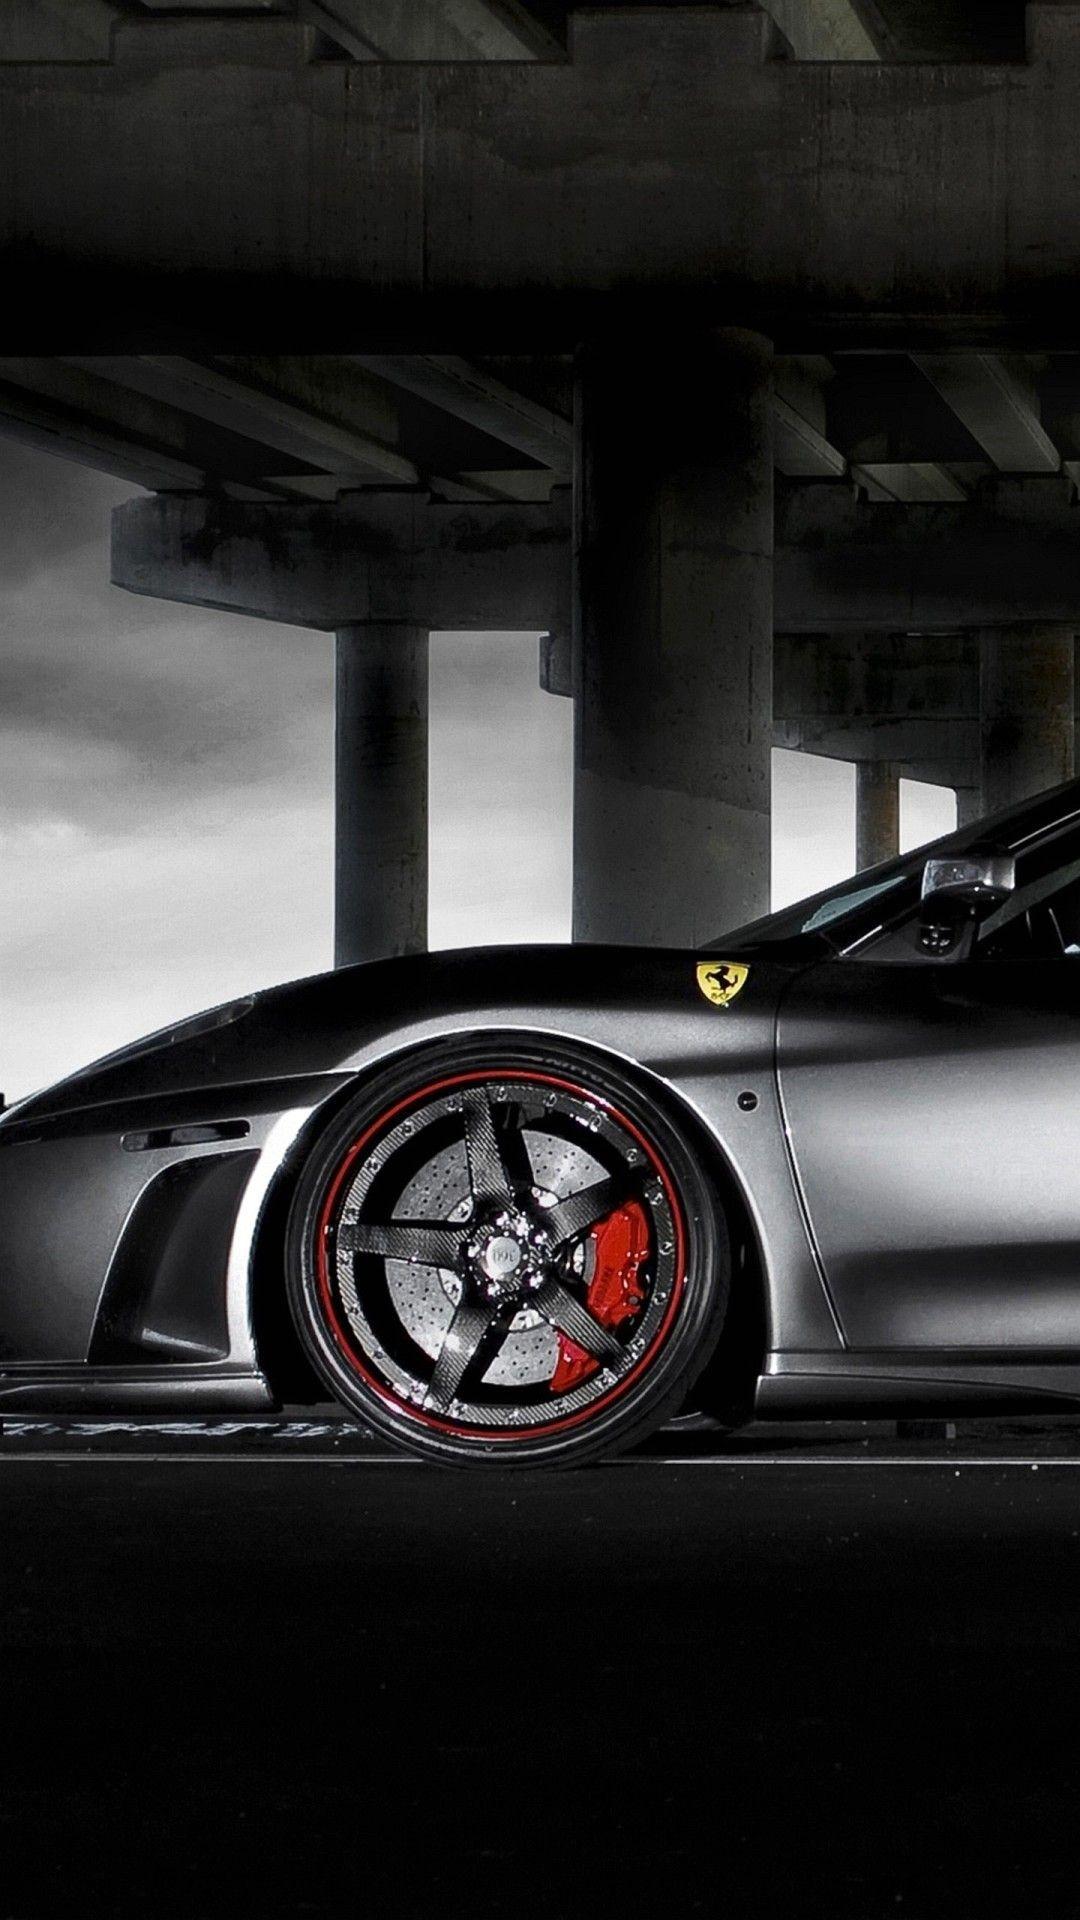 Res: 1080x1920, Wallpaper Iphone 6 Plus Ferrari Black 5 5 Inches - 1080 x 1920 .